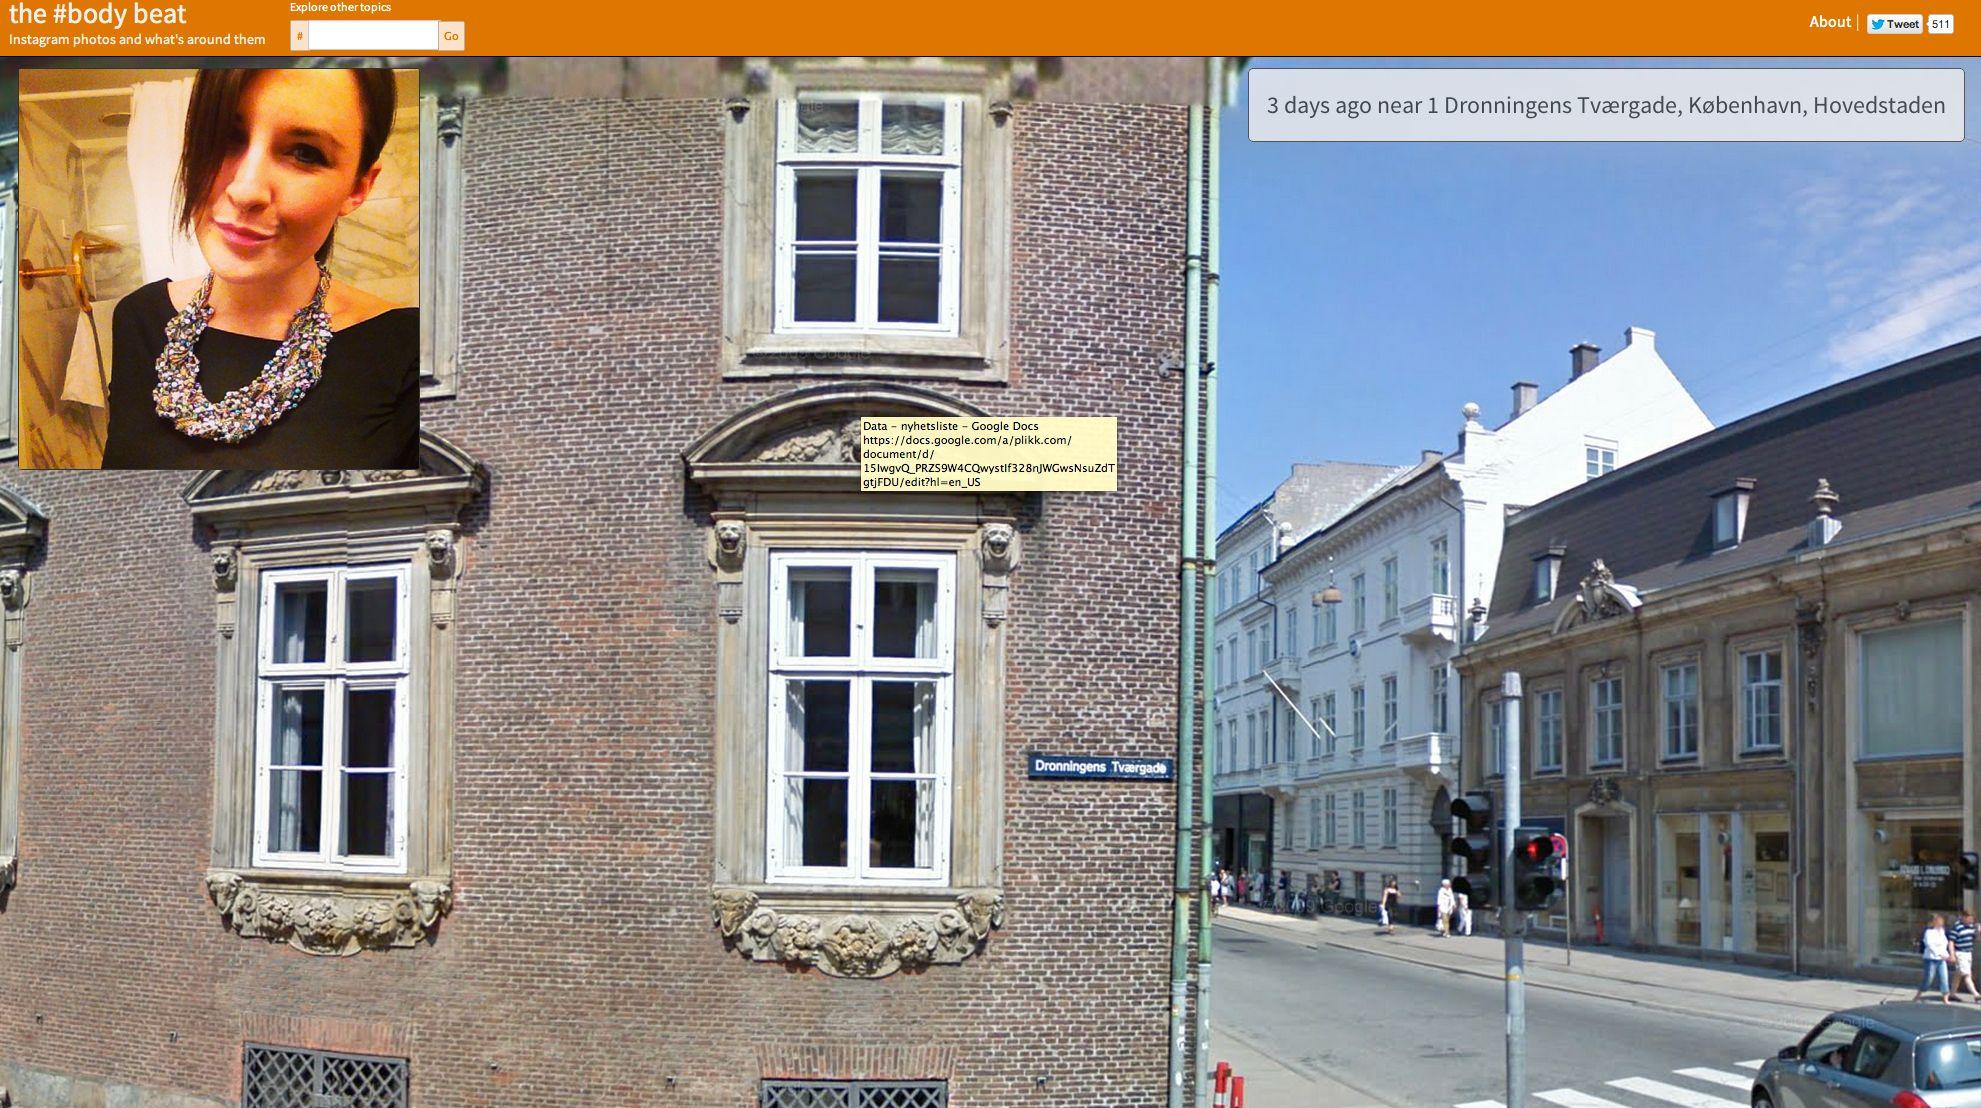 Det er visst sol i København i dag.